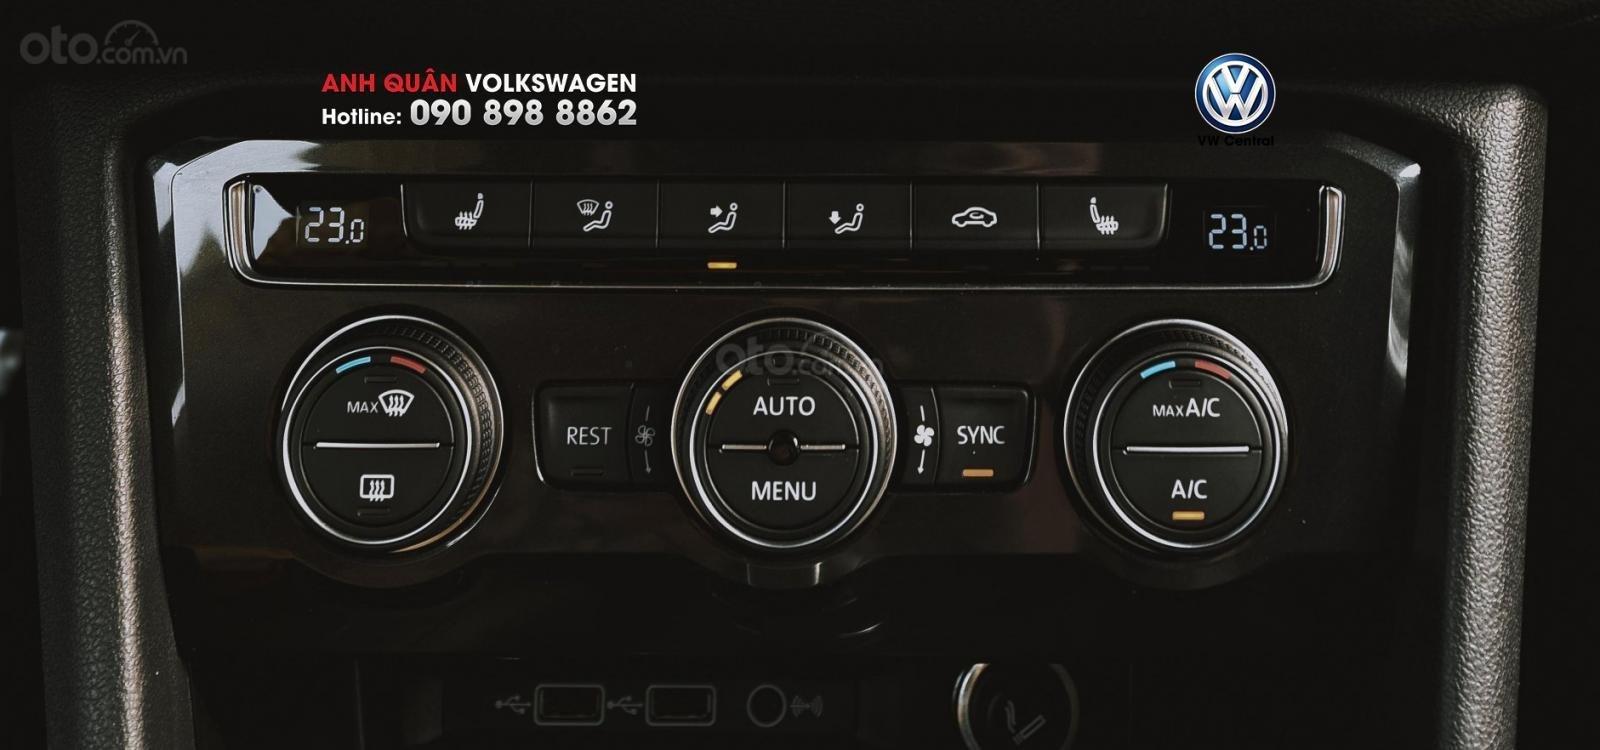 Tiguan Allspace Luxury 2020 - nhập khẩu, đủ màu, giao ngay|Hotline: 090-898-8862 (Anh Quân - VW Sài Gòn) (7)